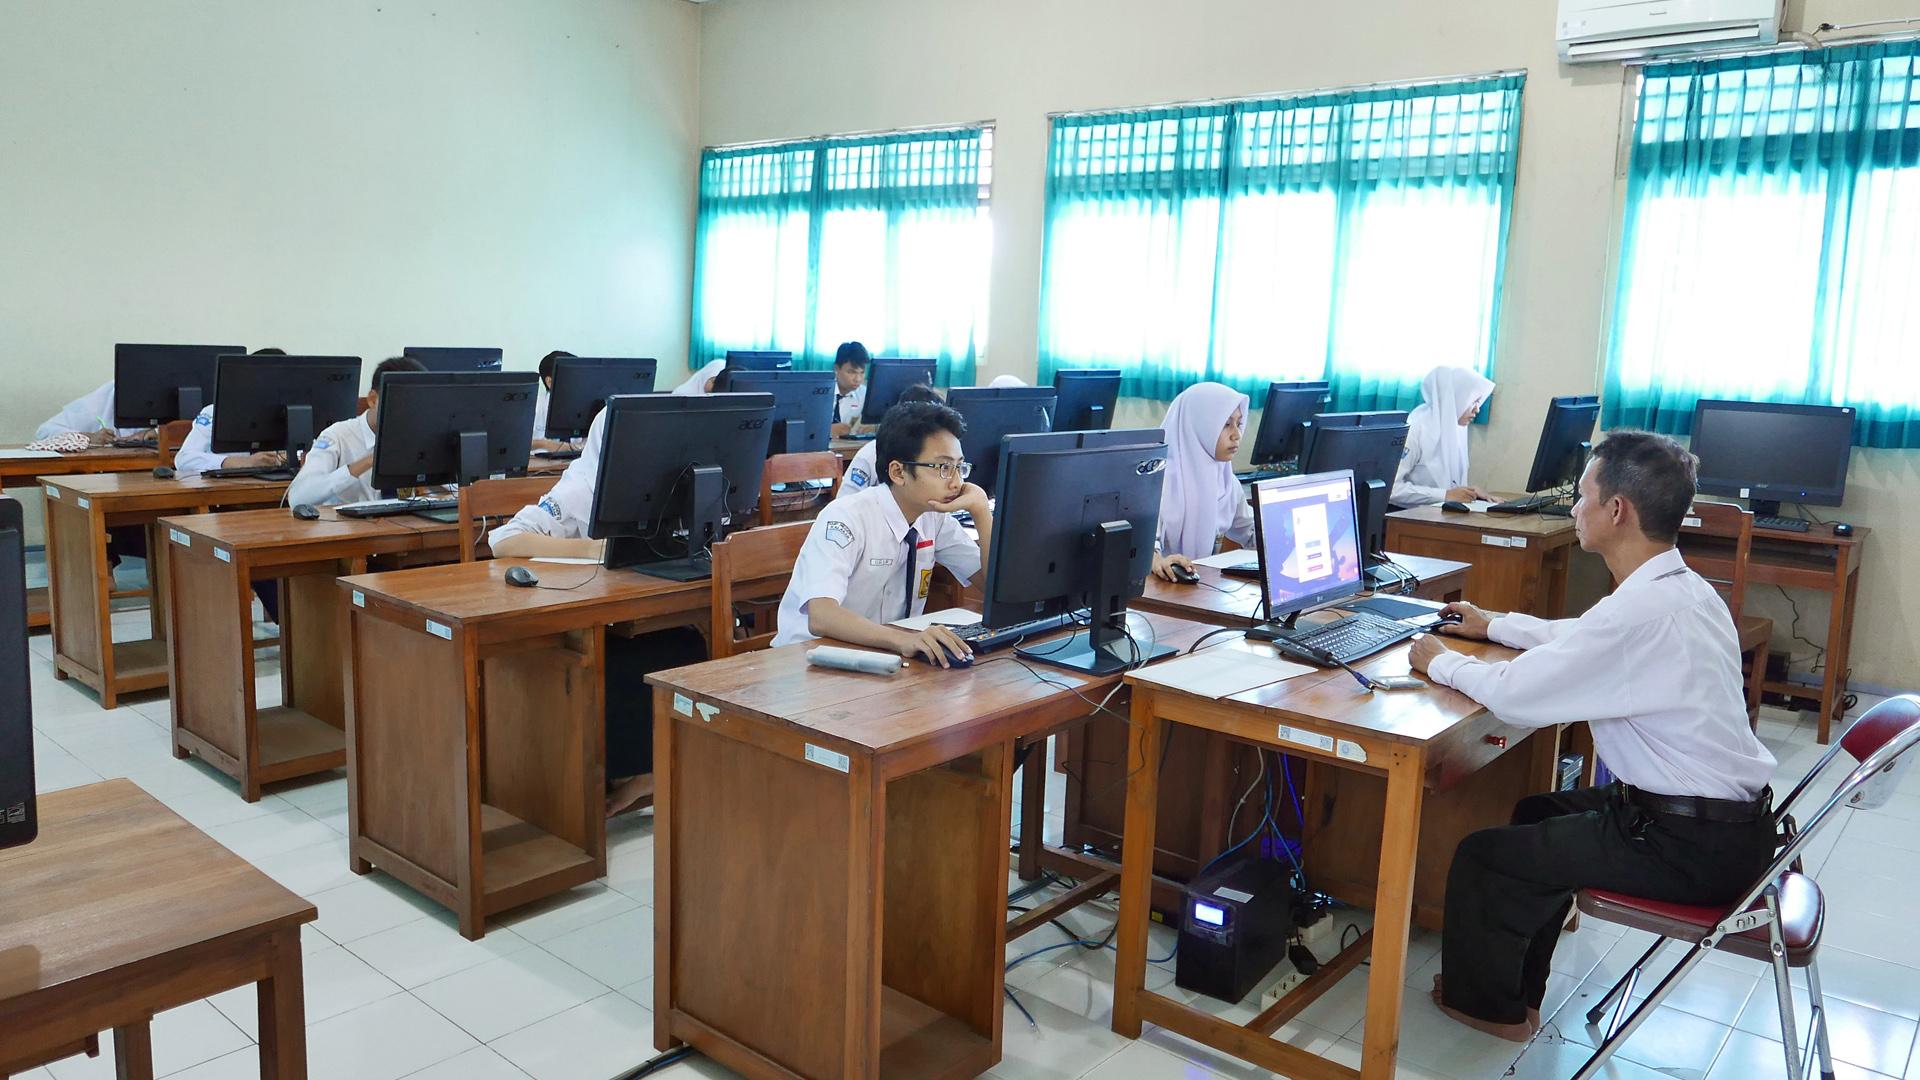 Laboratorium Bahasa SMP Negeri 1 Kalasan